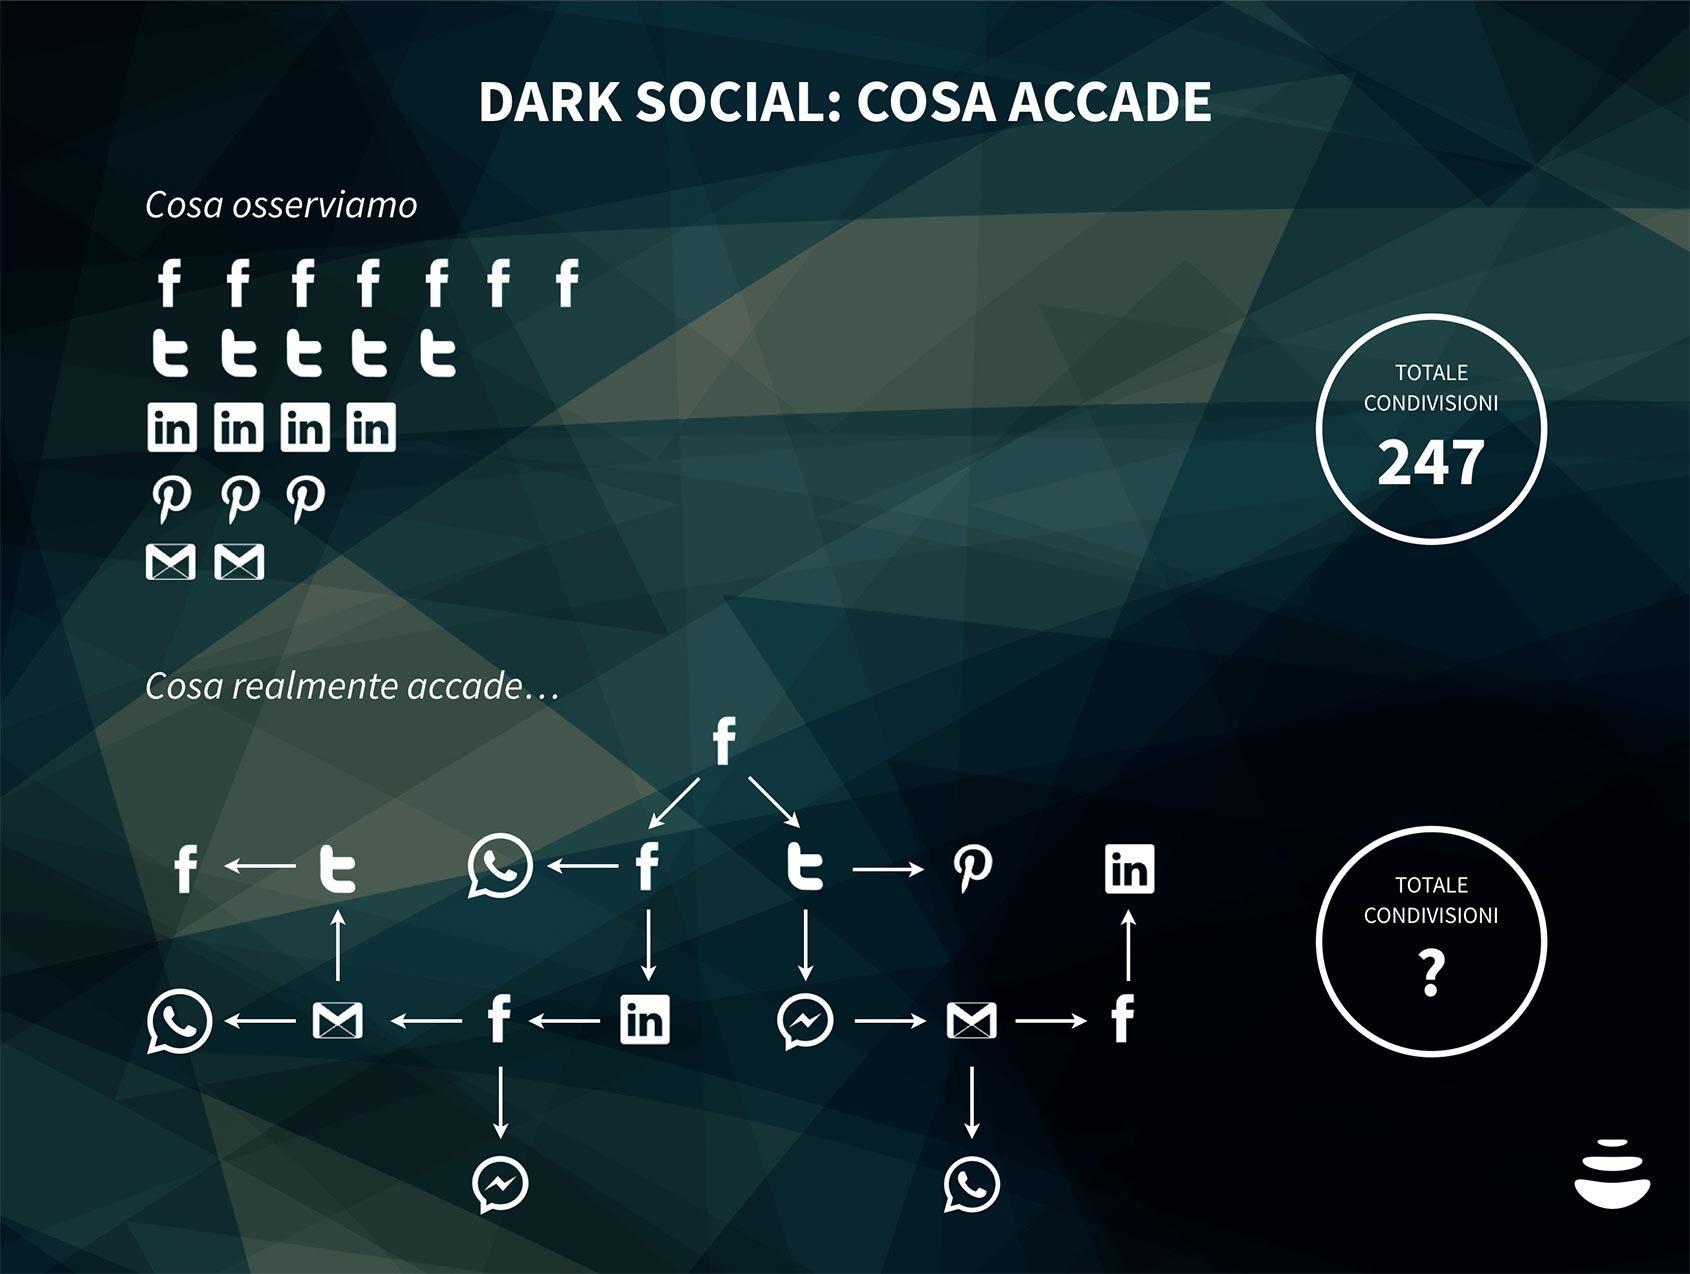 dark social, cosa accade